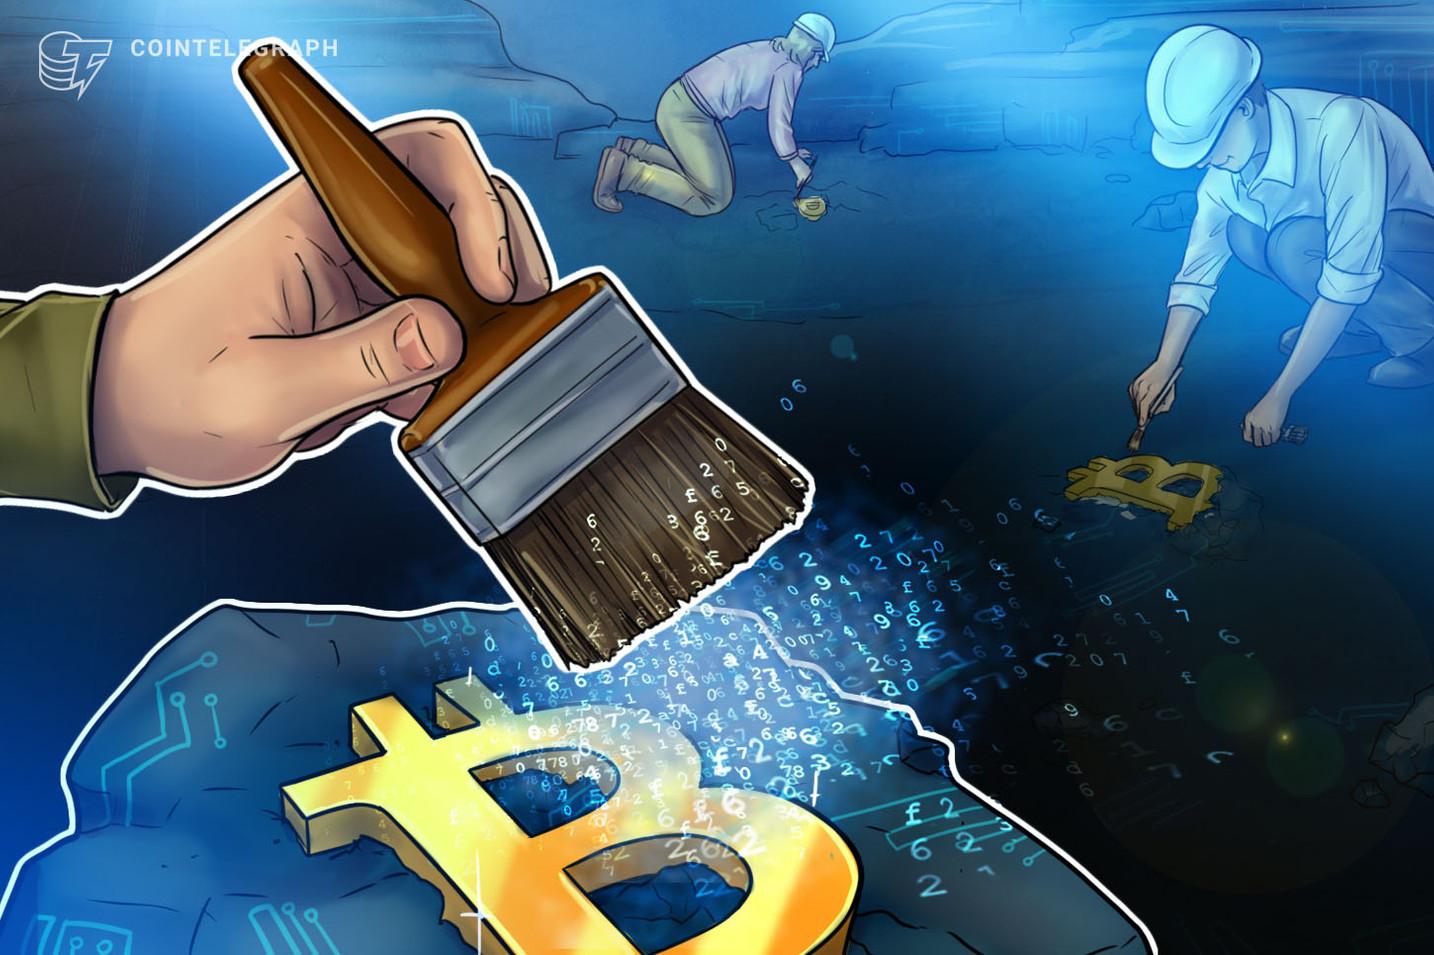 Een nog grotere mijnbouwmoeilijkheidsgraad? 5 dingen om deze week in Bitcoin te kijken